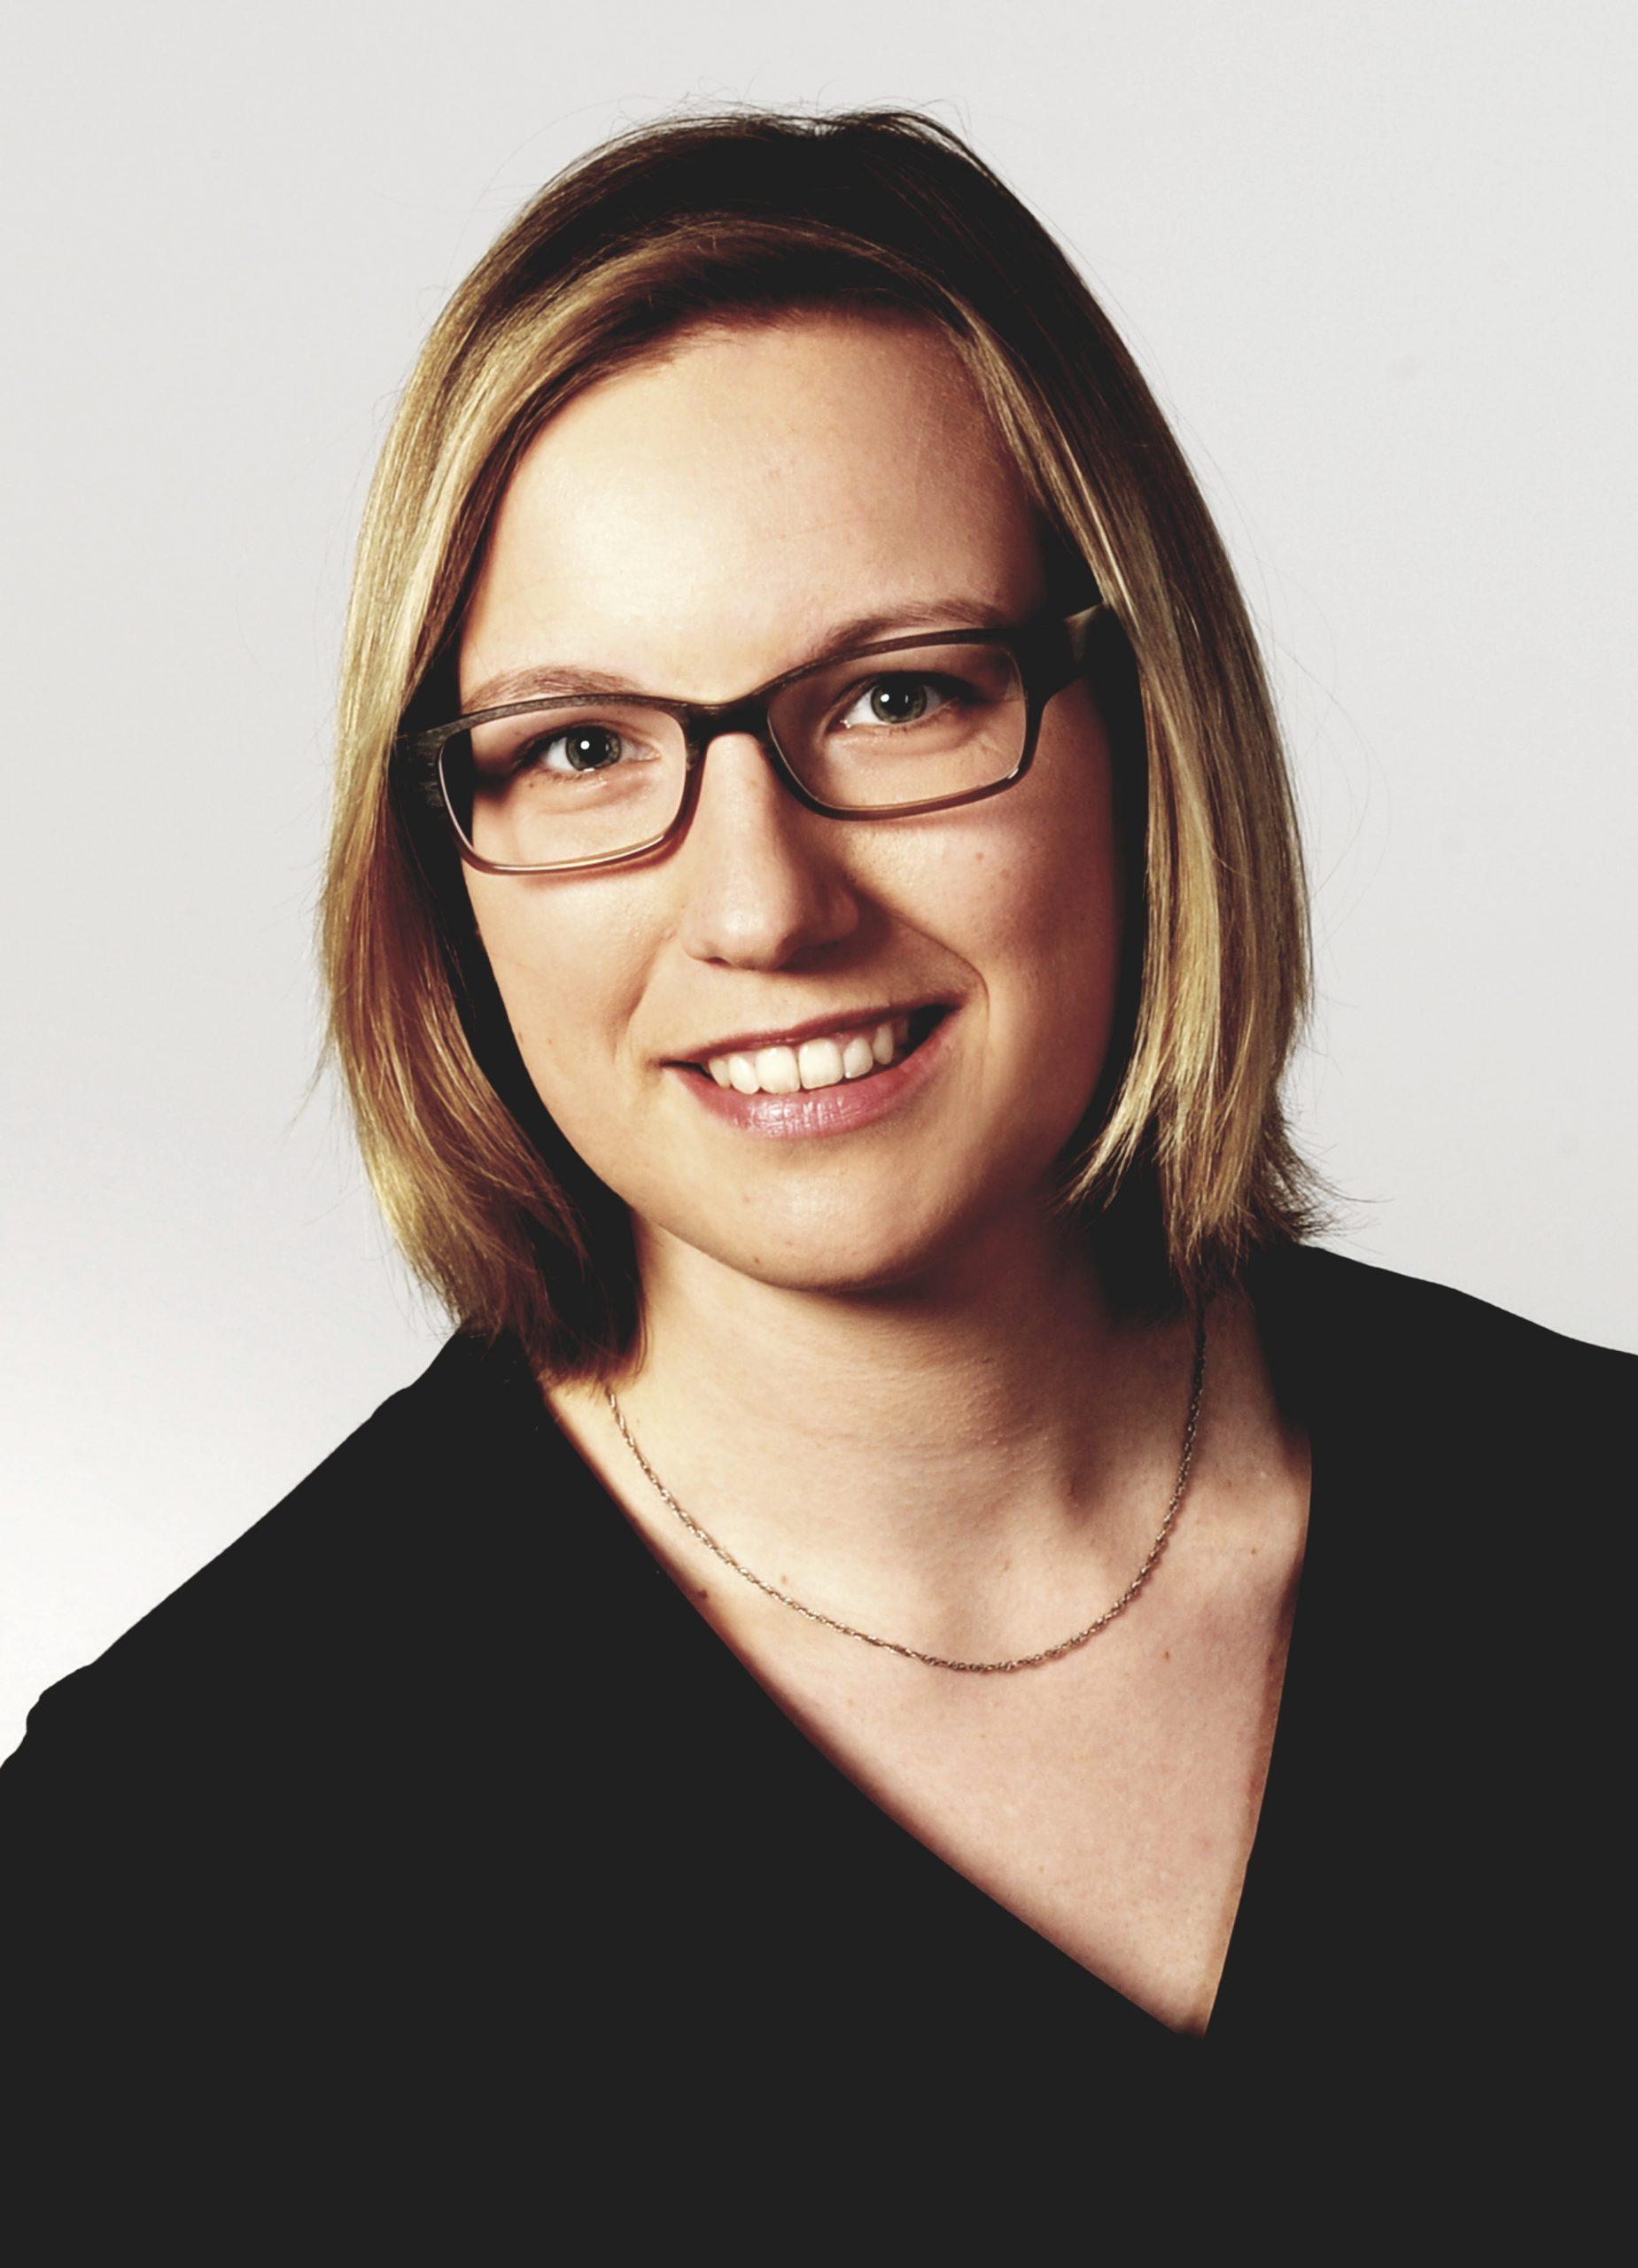 Anna Rutscheidt